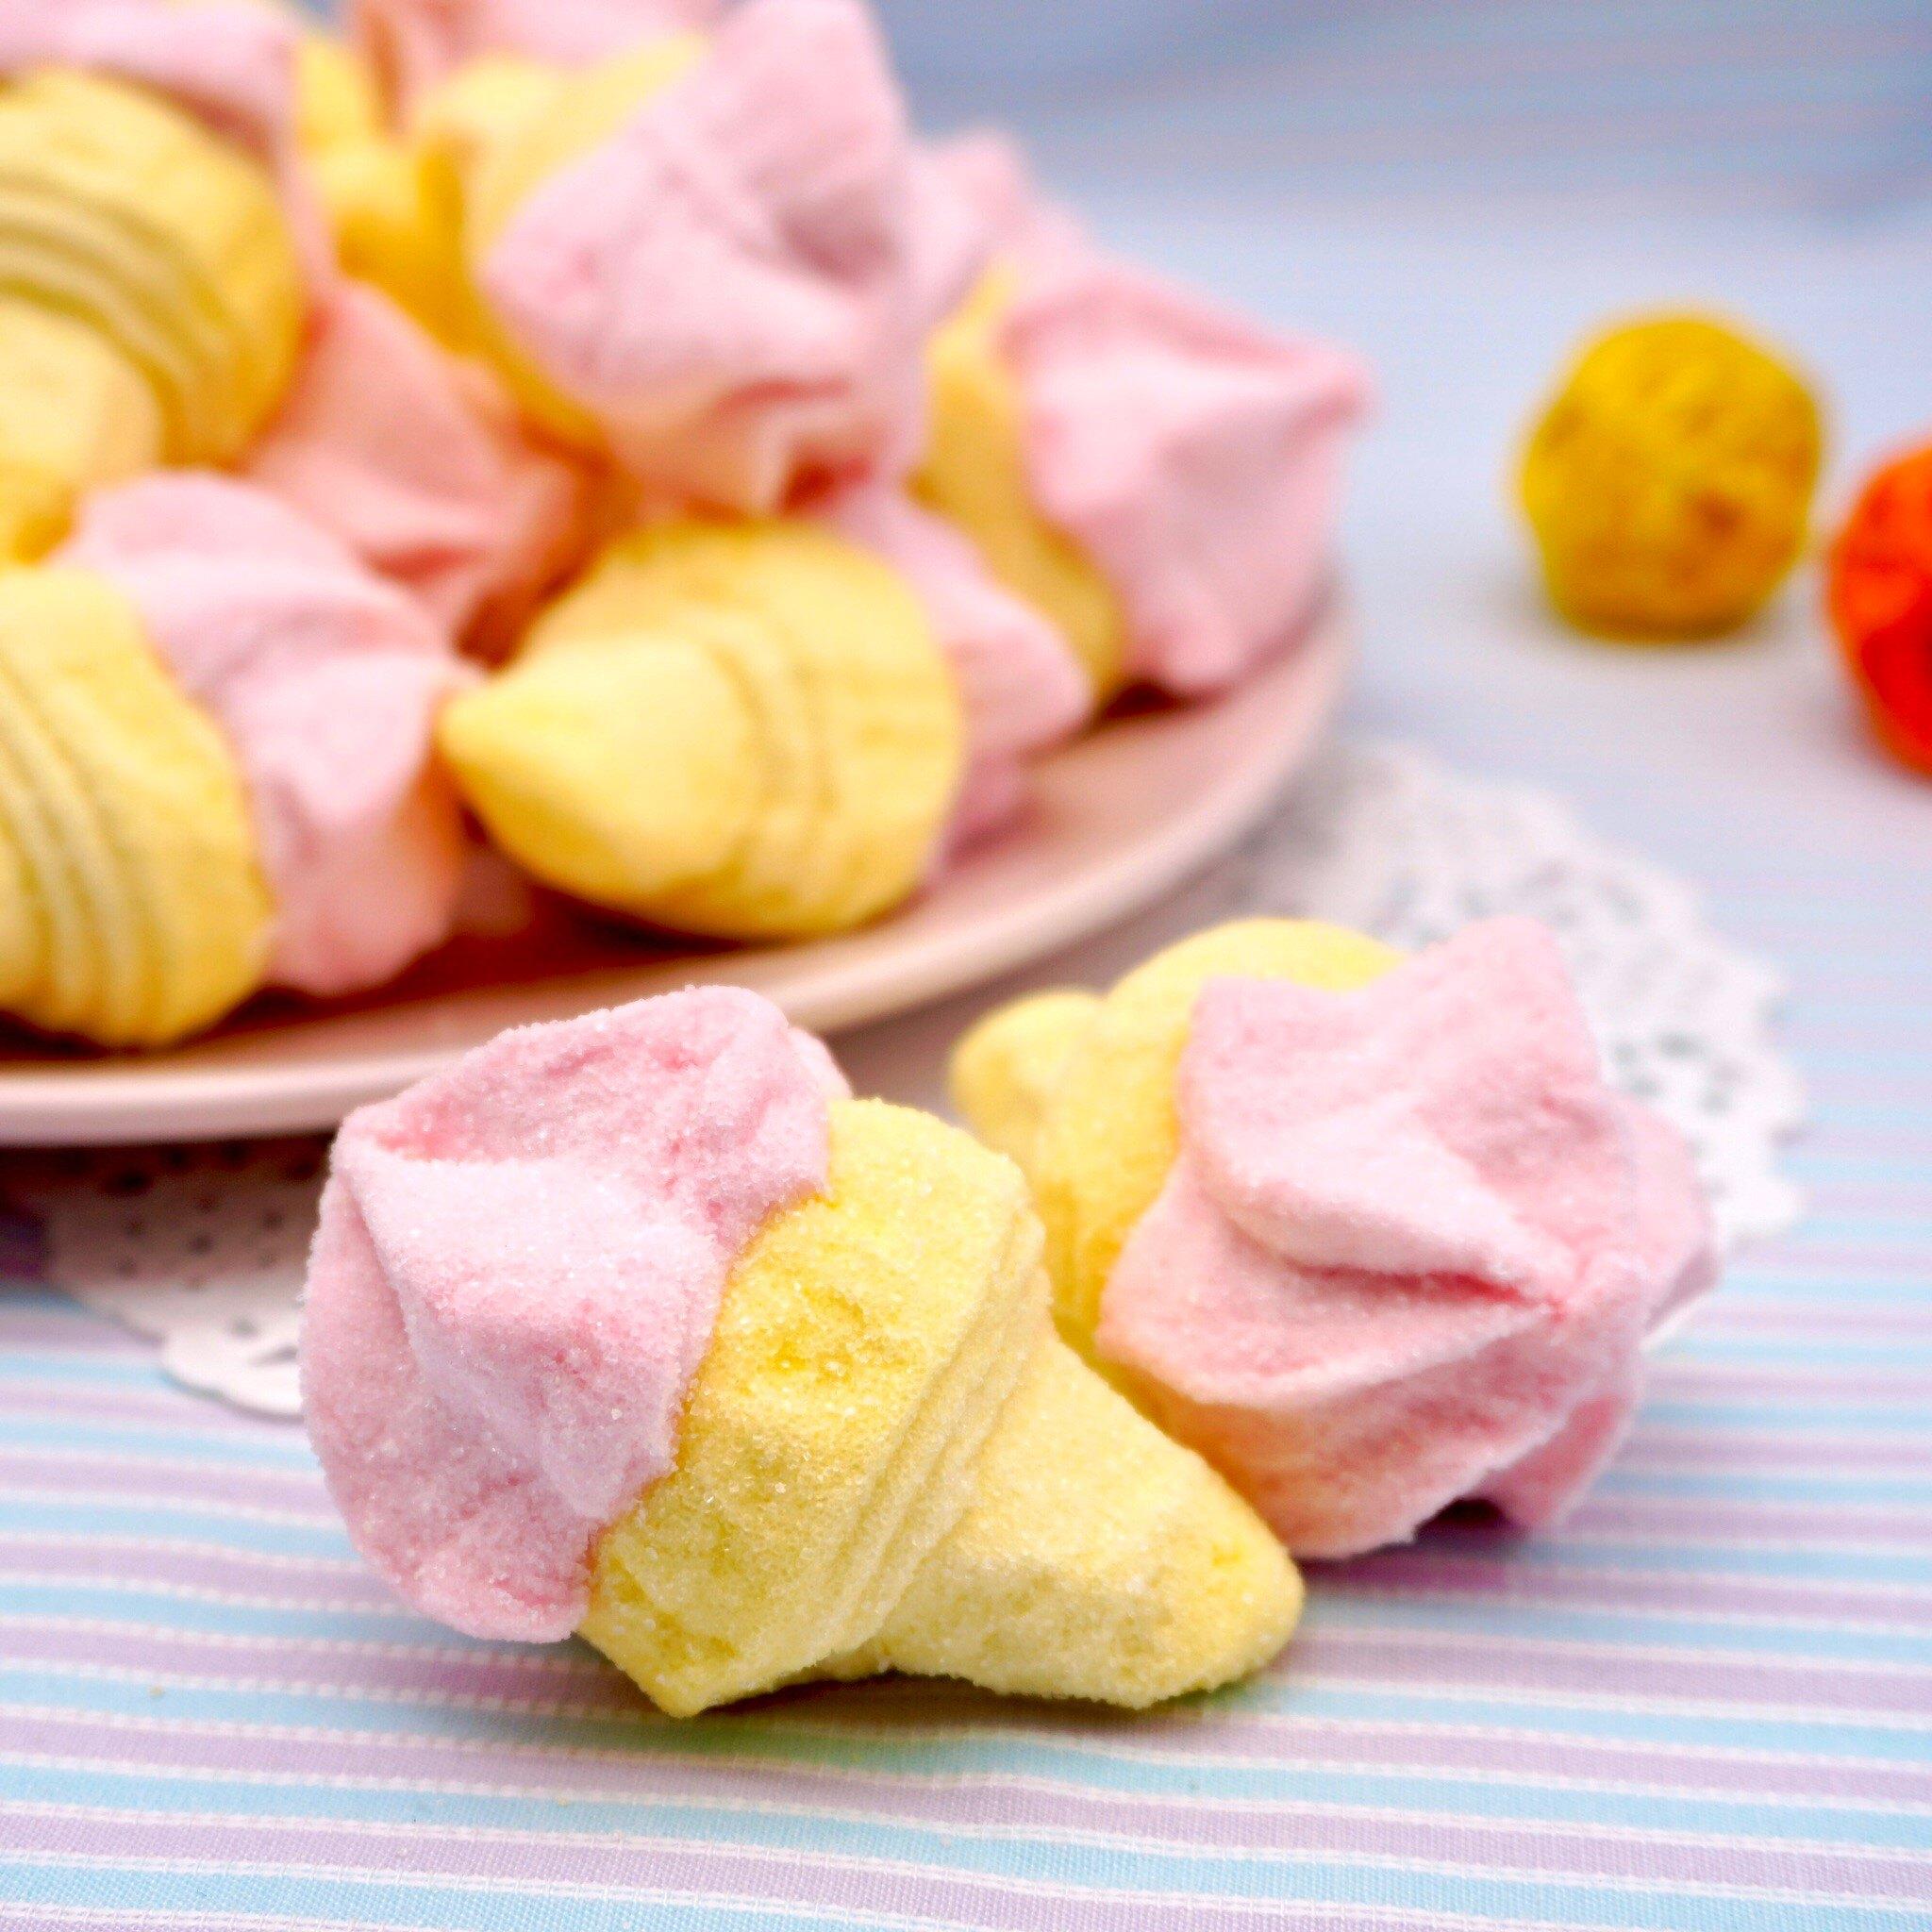 嘴甜甜 寶格麗冰淇淋棉花糖 200公克 花糖系列 甜筒 棉花糖 義大利 寶格麗 香蕉 草莓 香菇 小花 冰淇淋 現貨